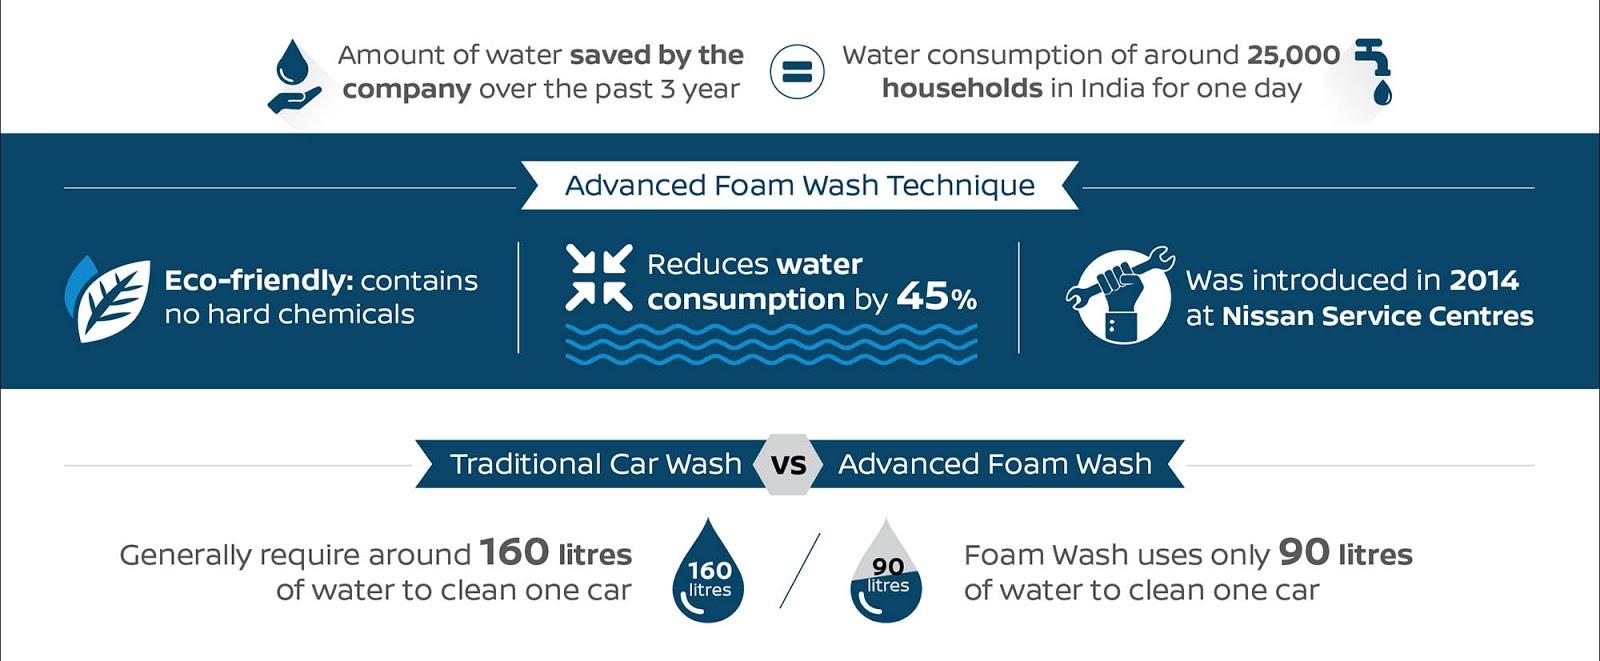 web car foam wash infographic 02 Η Nissan καινοτομεί και στο πλύσιμο των μοντέλων της ! car, Car wash, Innovation, Nissan, Nissan GT-R, Τεχνολογία